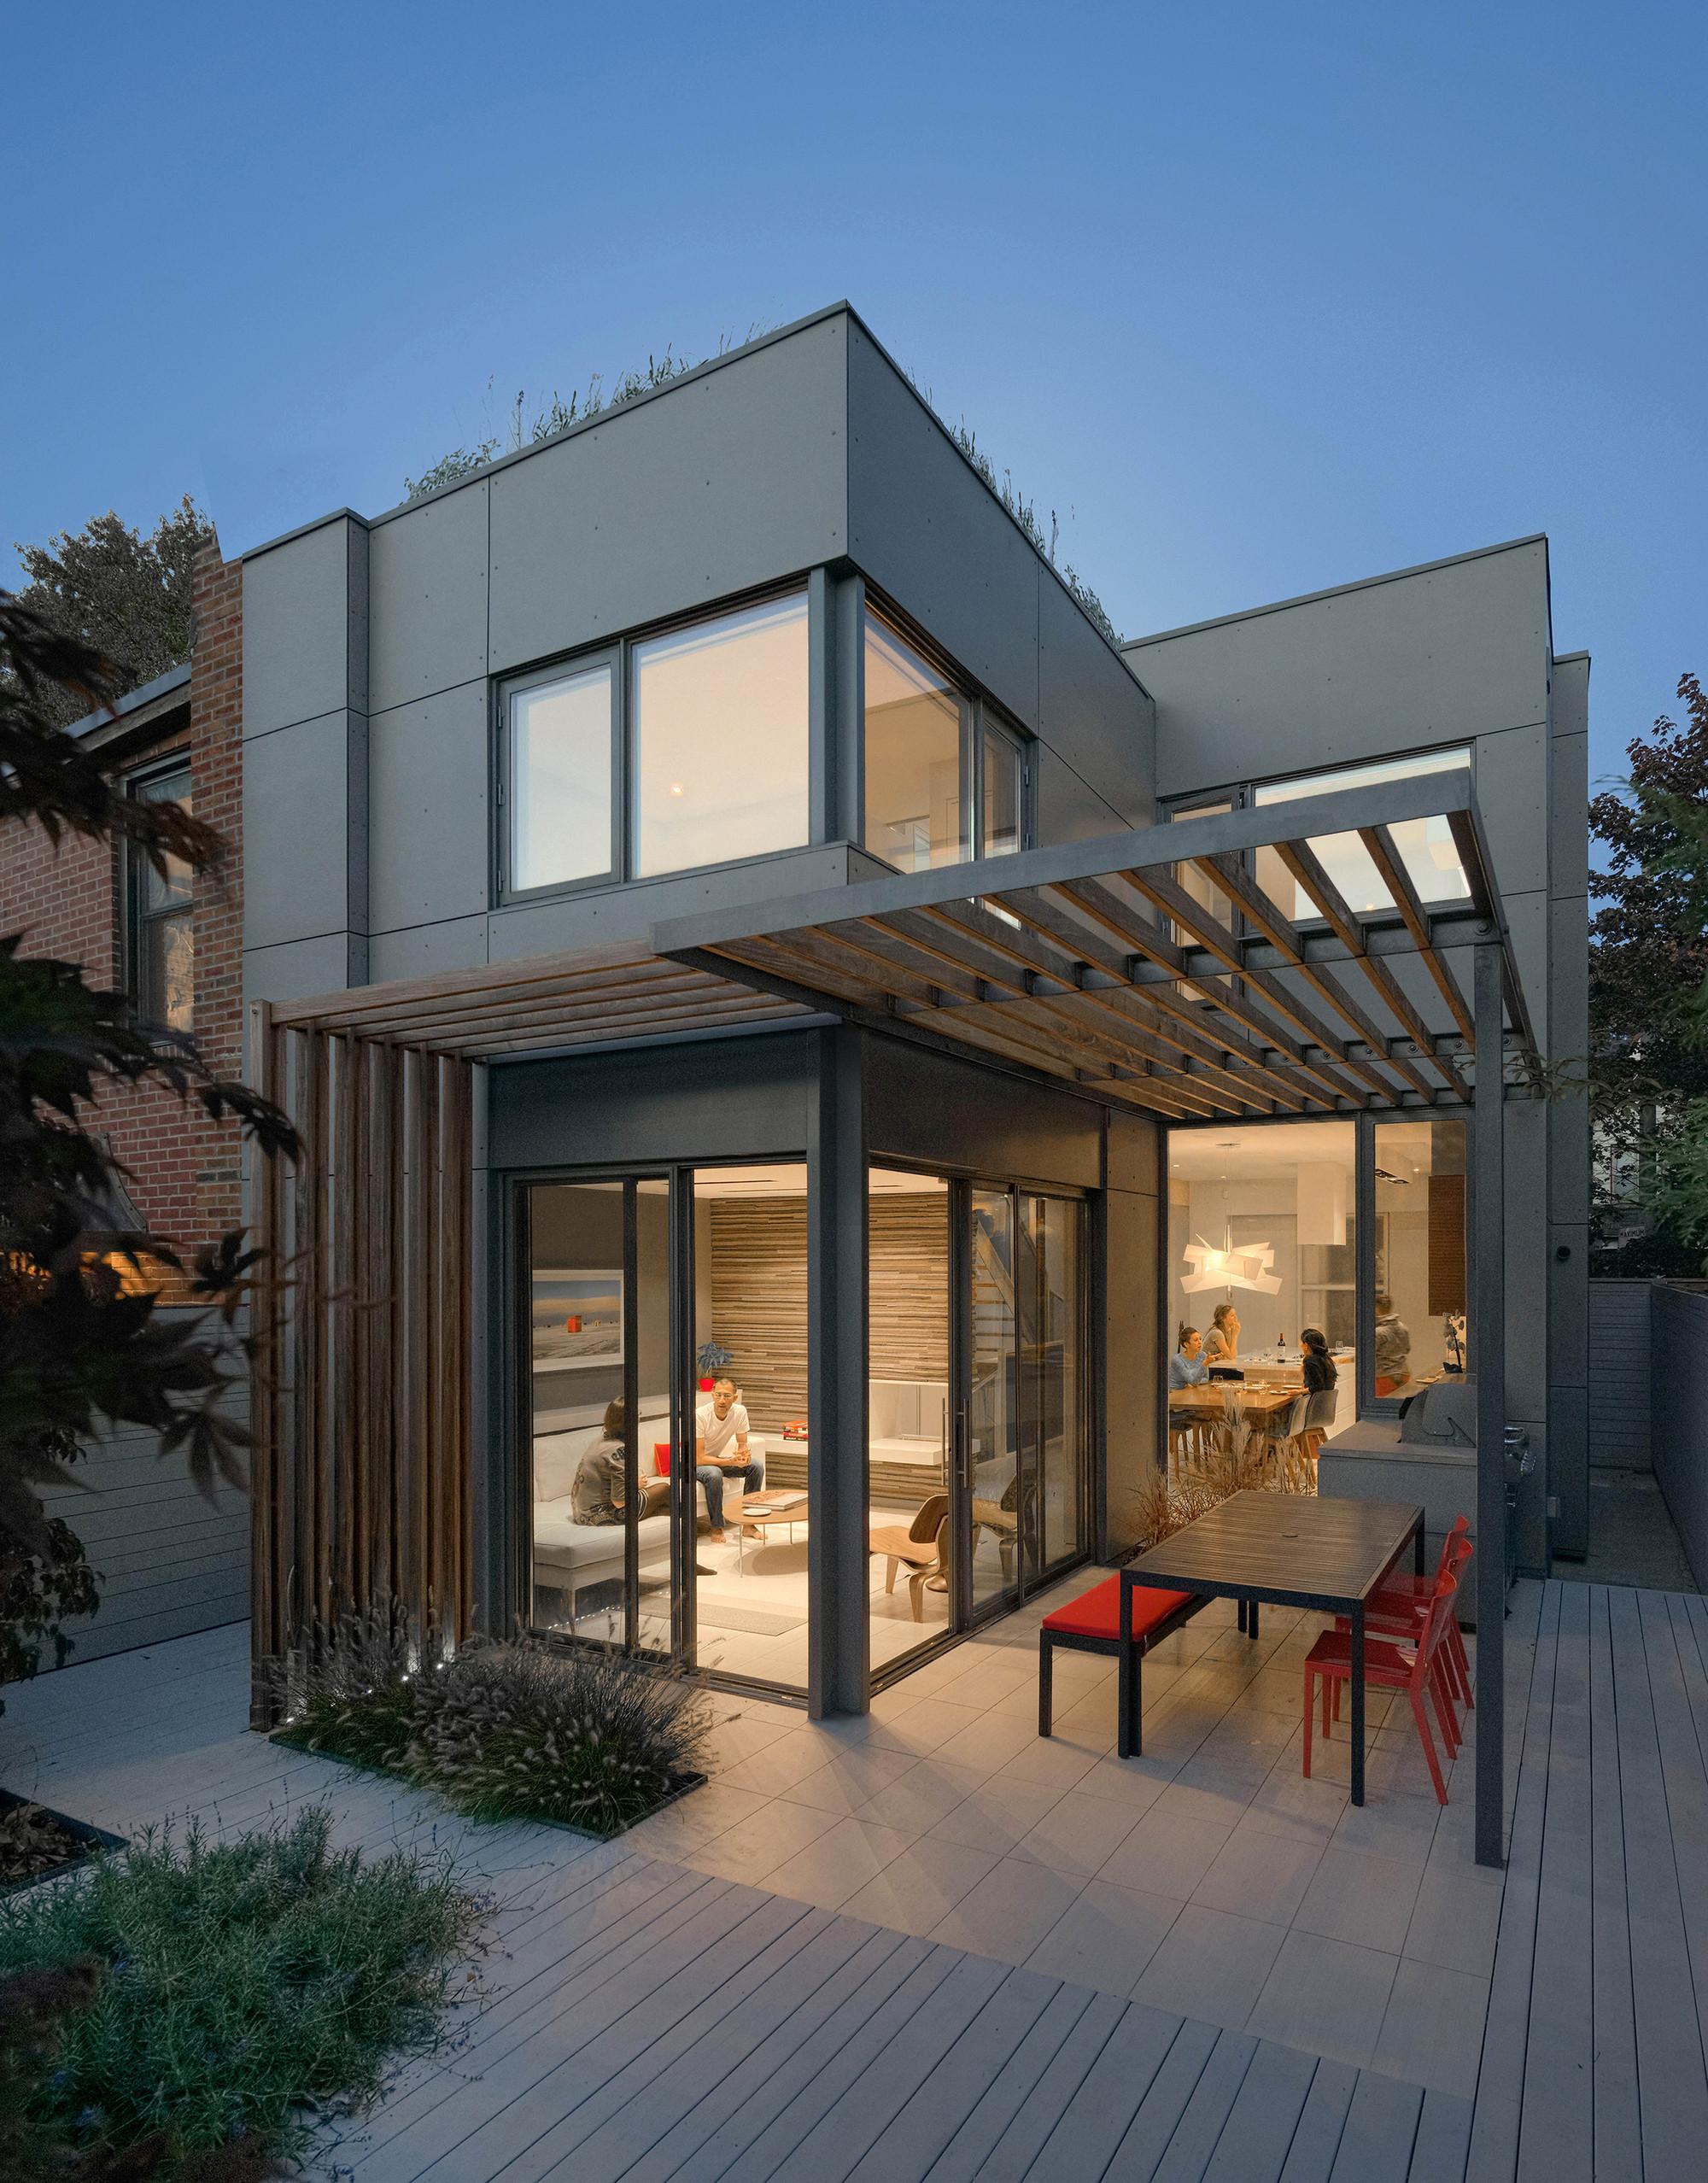 Galeria de casa atrav s dubbeldam architecture design 8 for Techos para galerias exterior